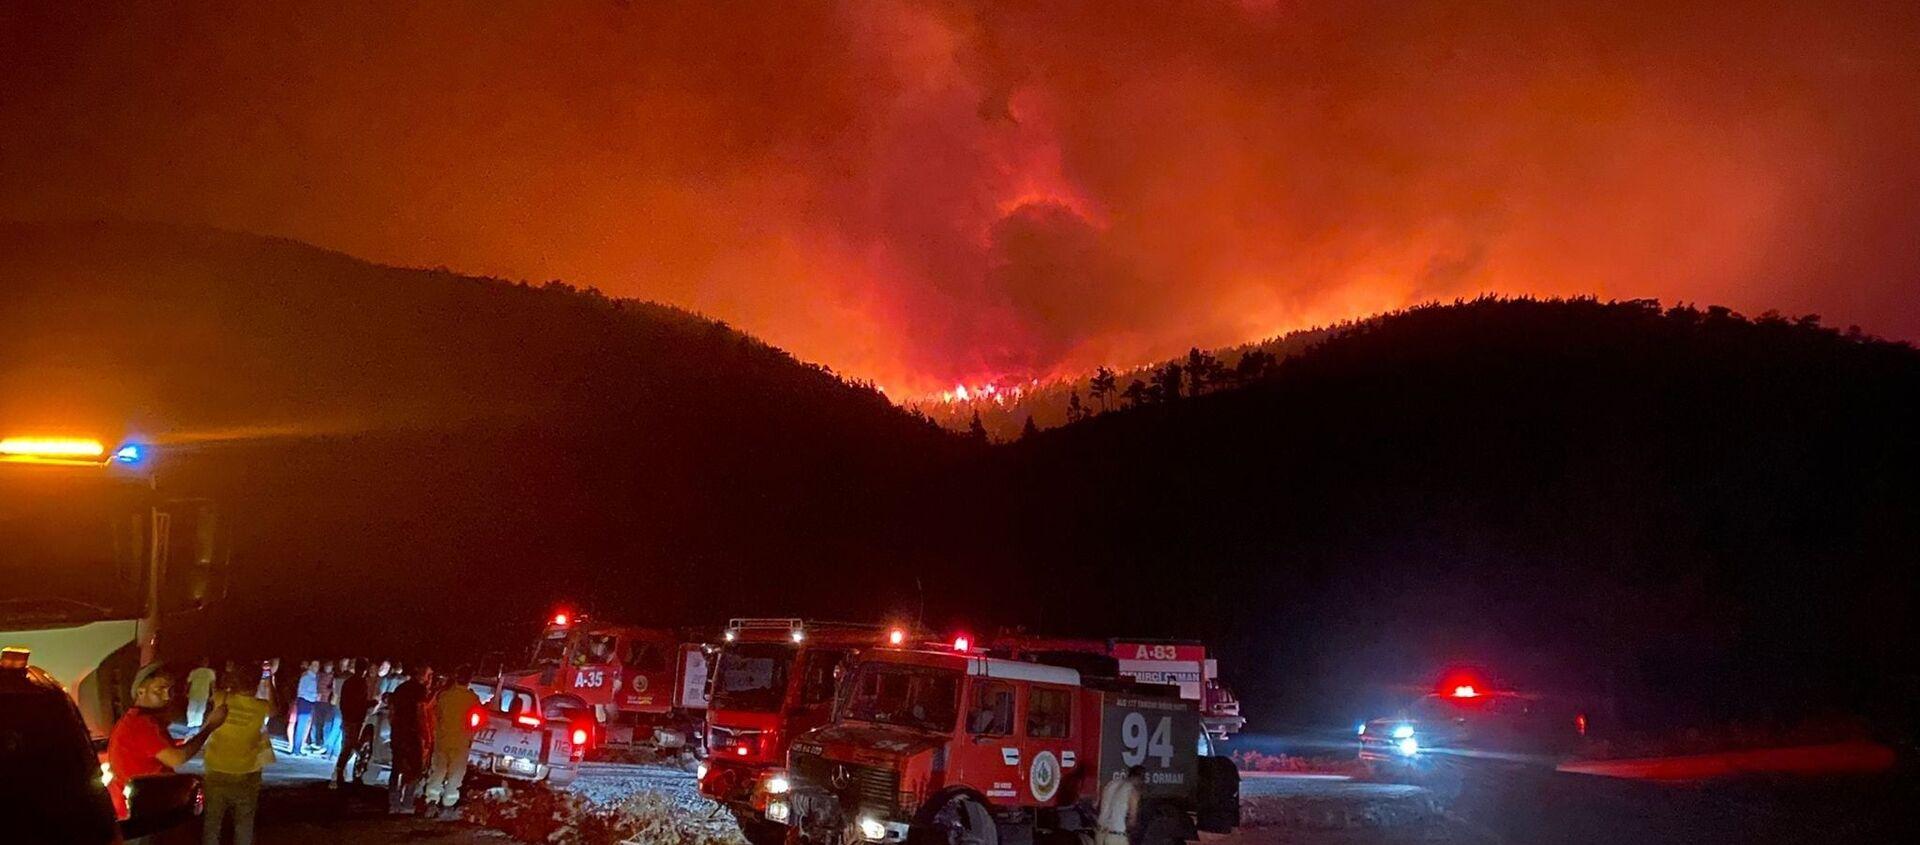 Milas'ın Beyciler Mahallesi'nde başlayan orman yangını, Bodrum'a sıçradı - Sputnik Türkiye, 1920, 31.07.2021